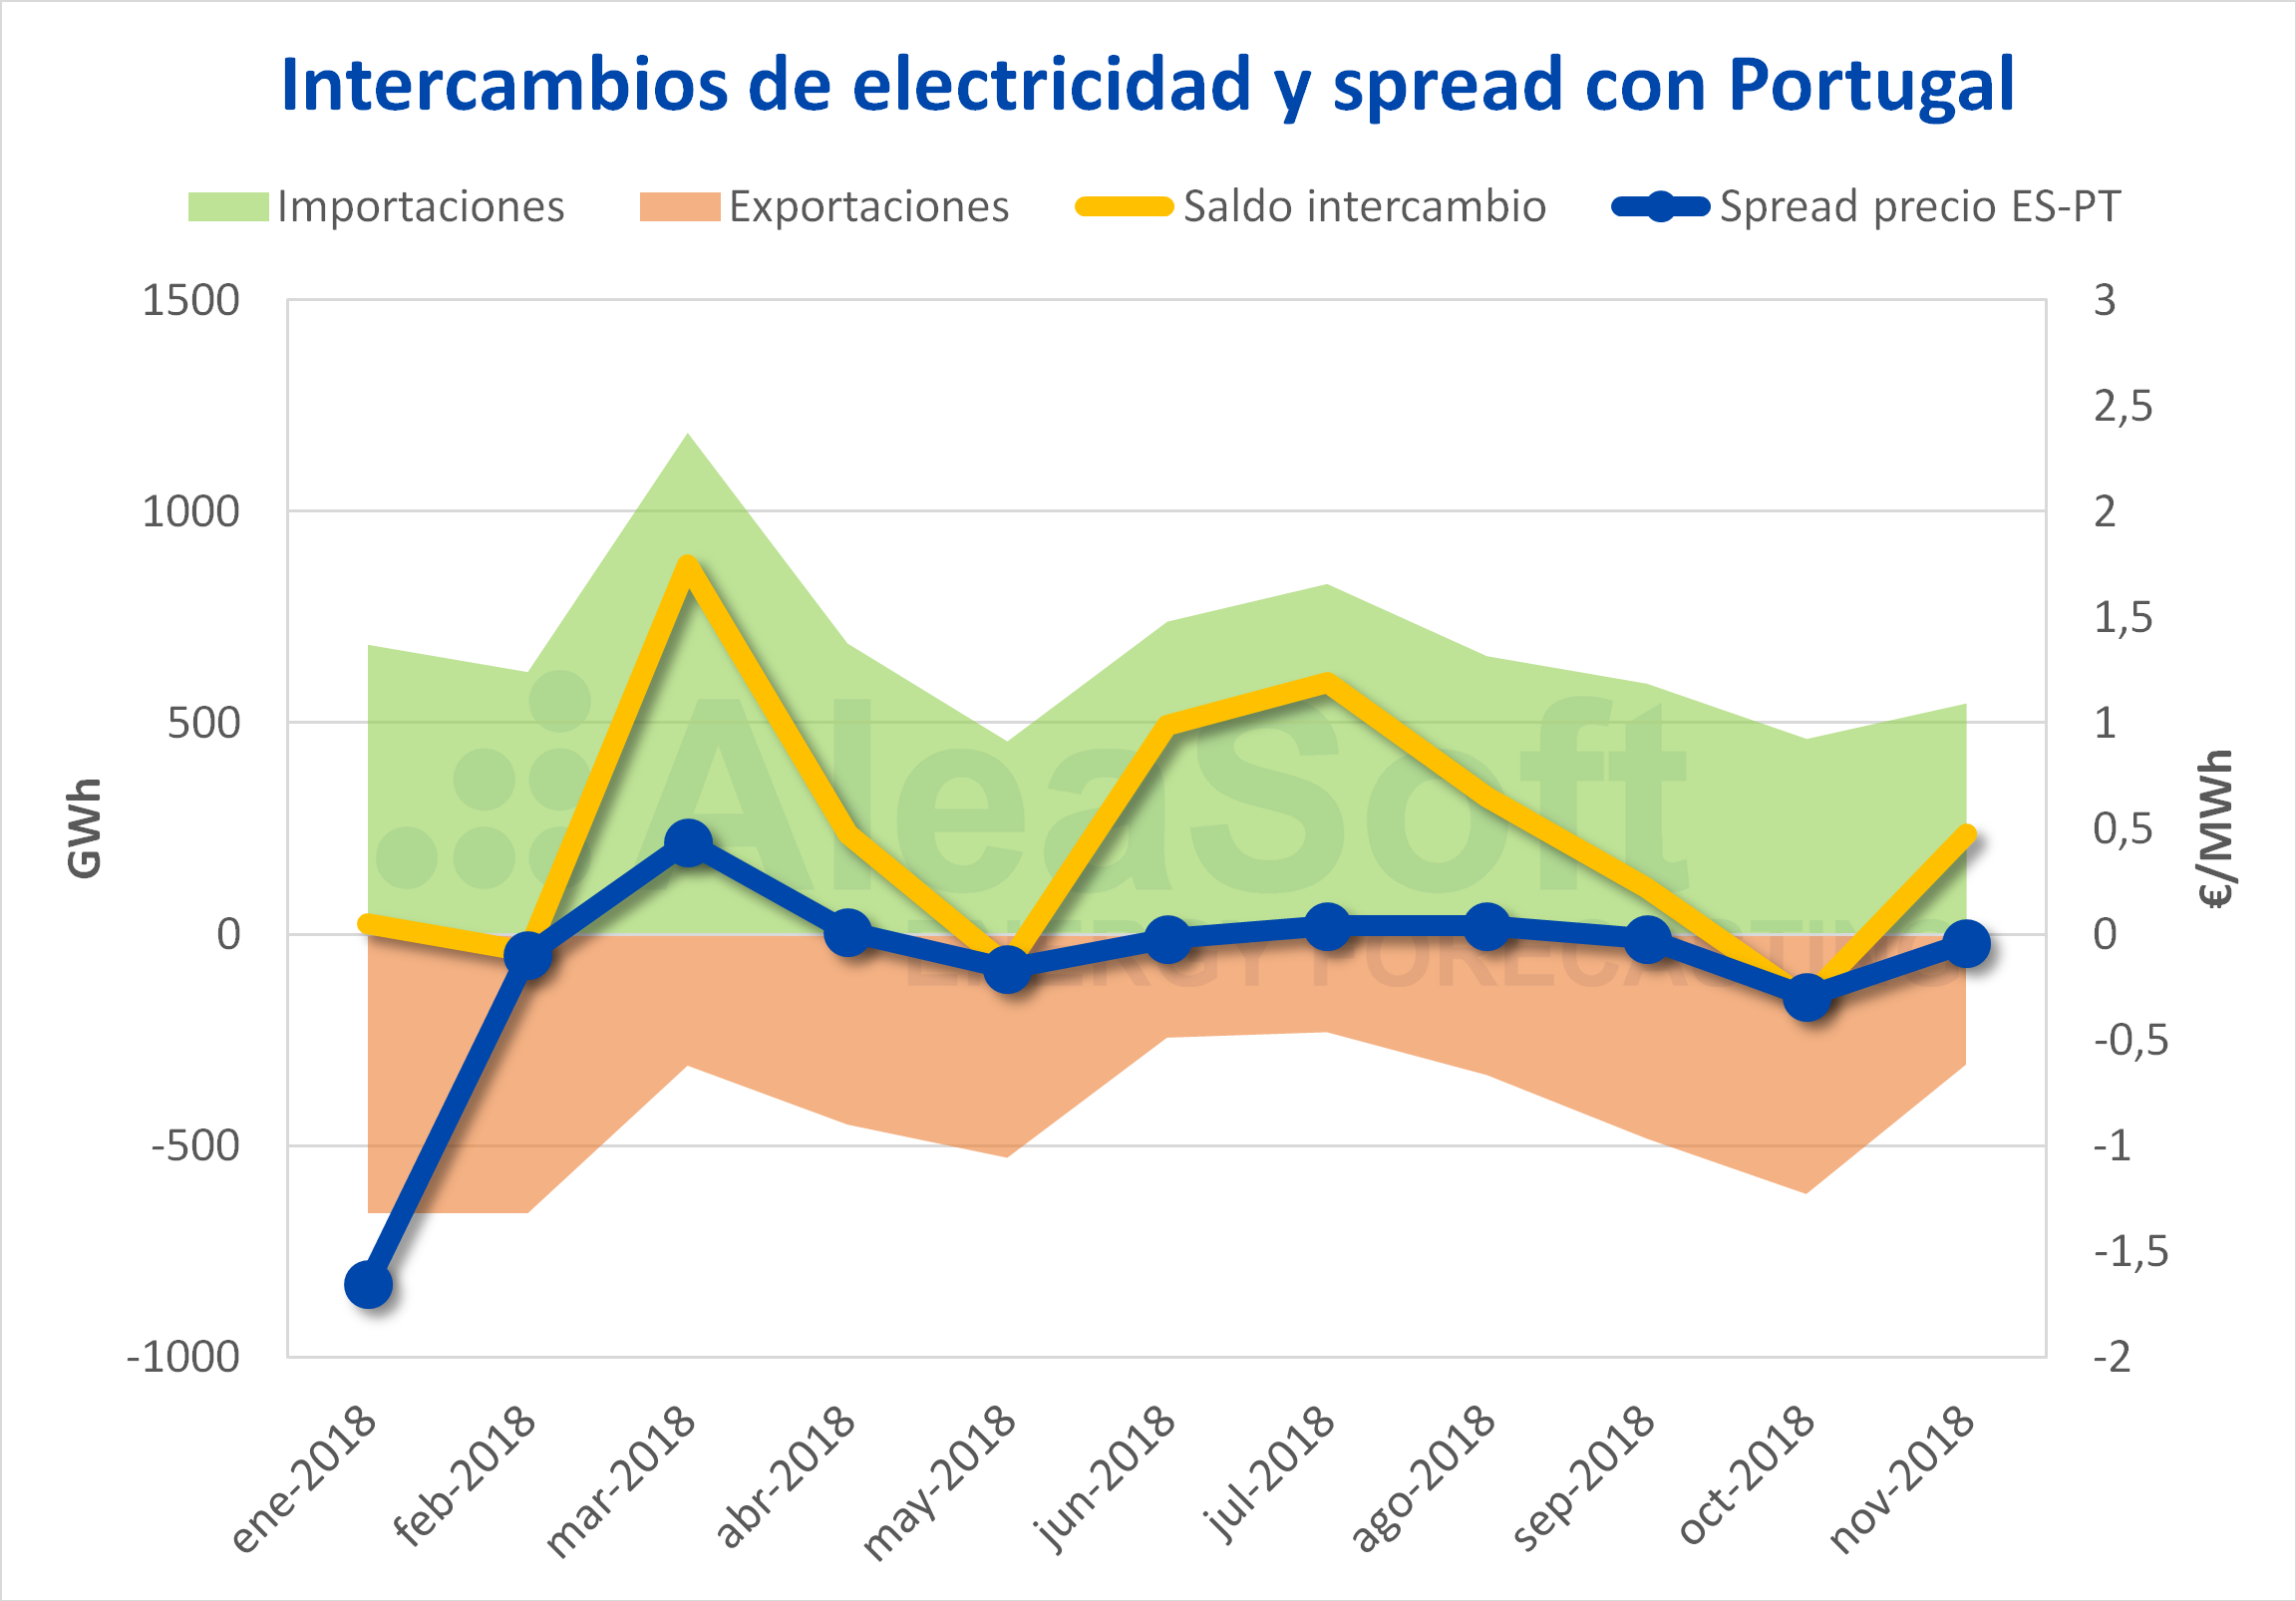 AleaSoft - Intercambio de electricidad spread España Portugal